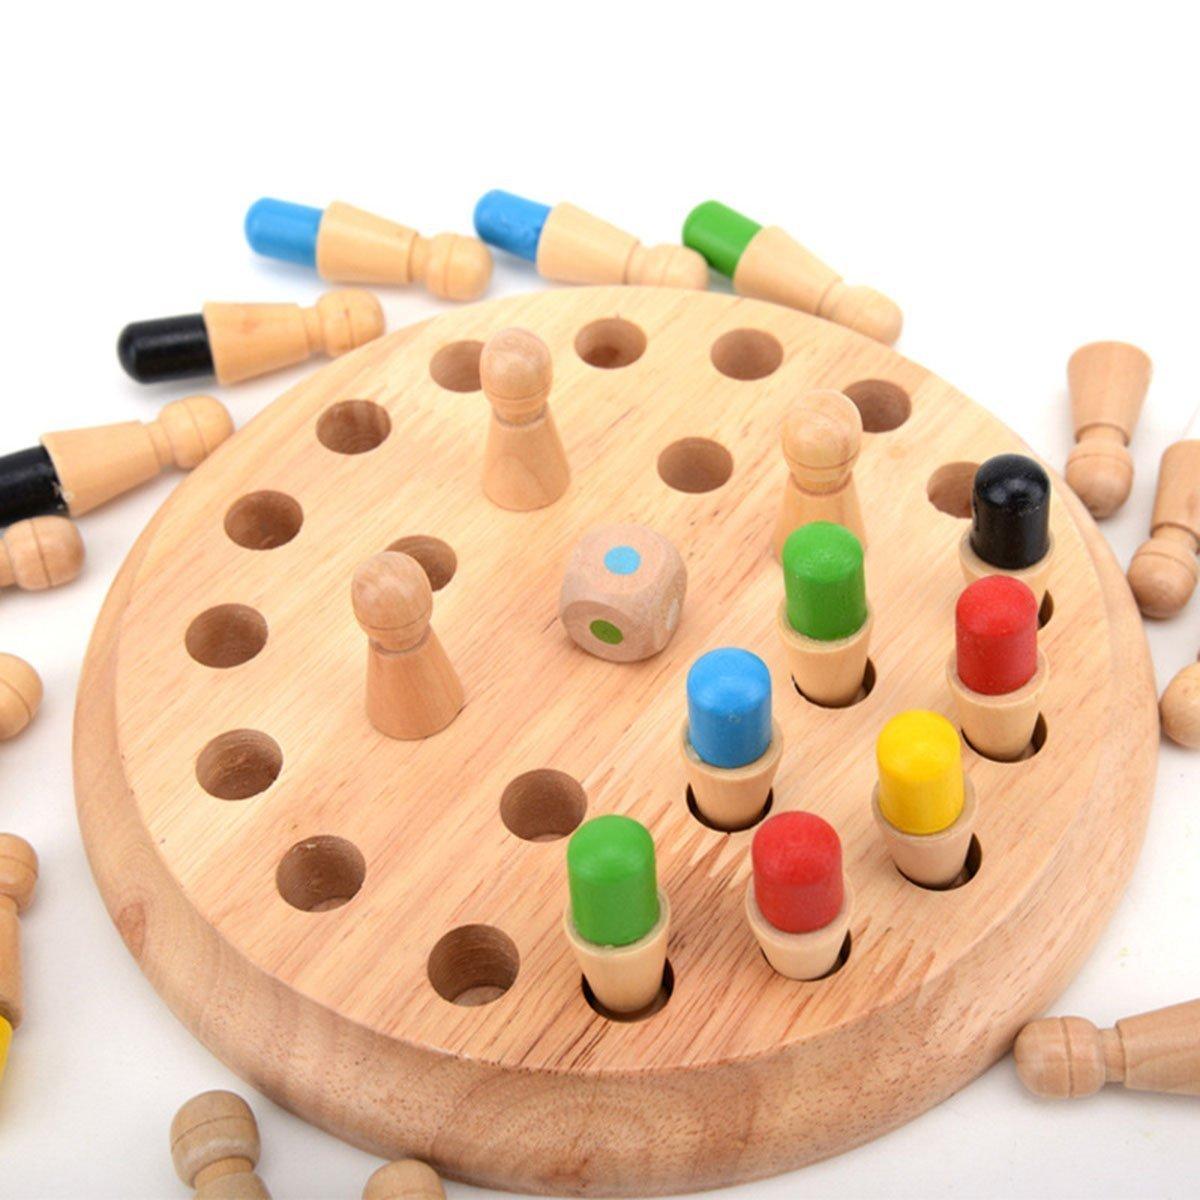 BIEE, gioco di memoria di scacchi di legno bastone Educazione di bambini puzzle 3D regalo di apprendimento giocattolo